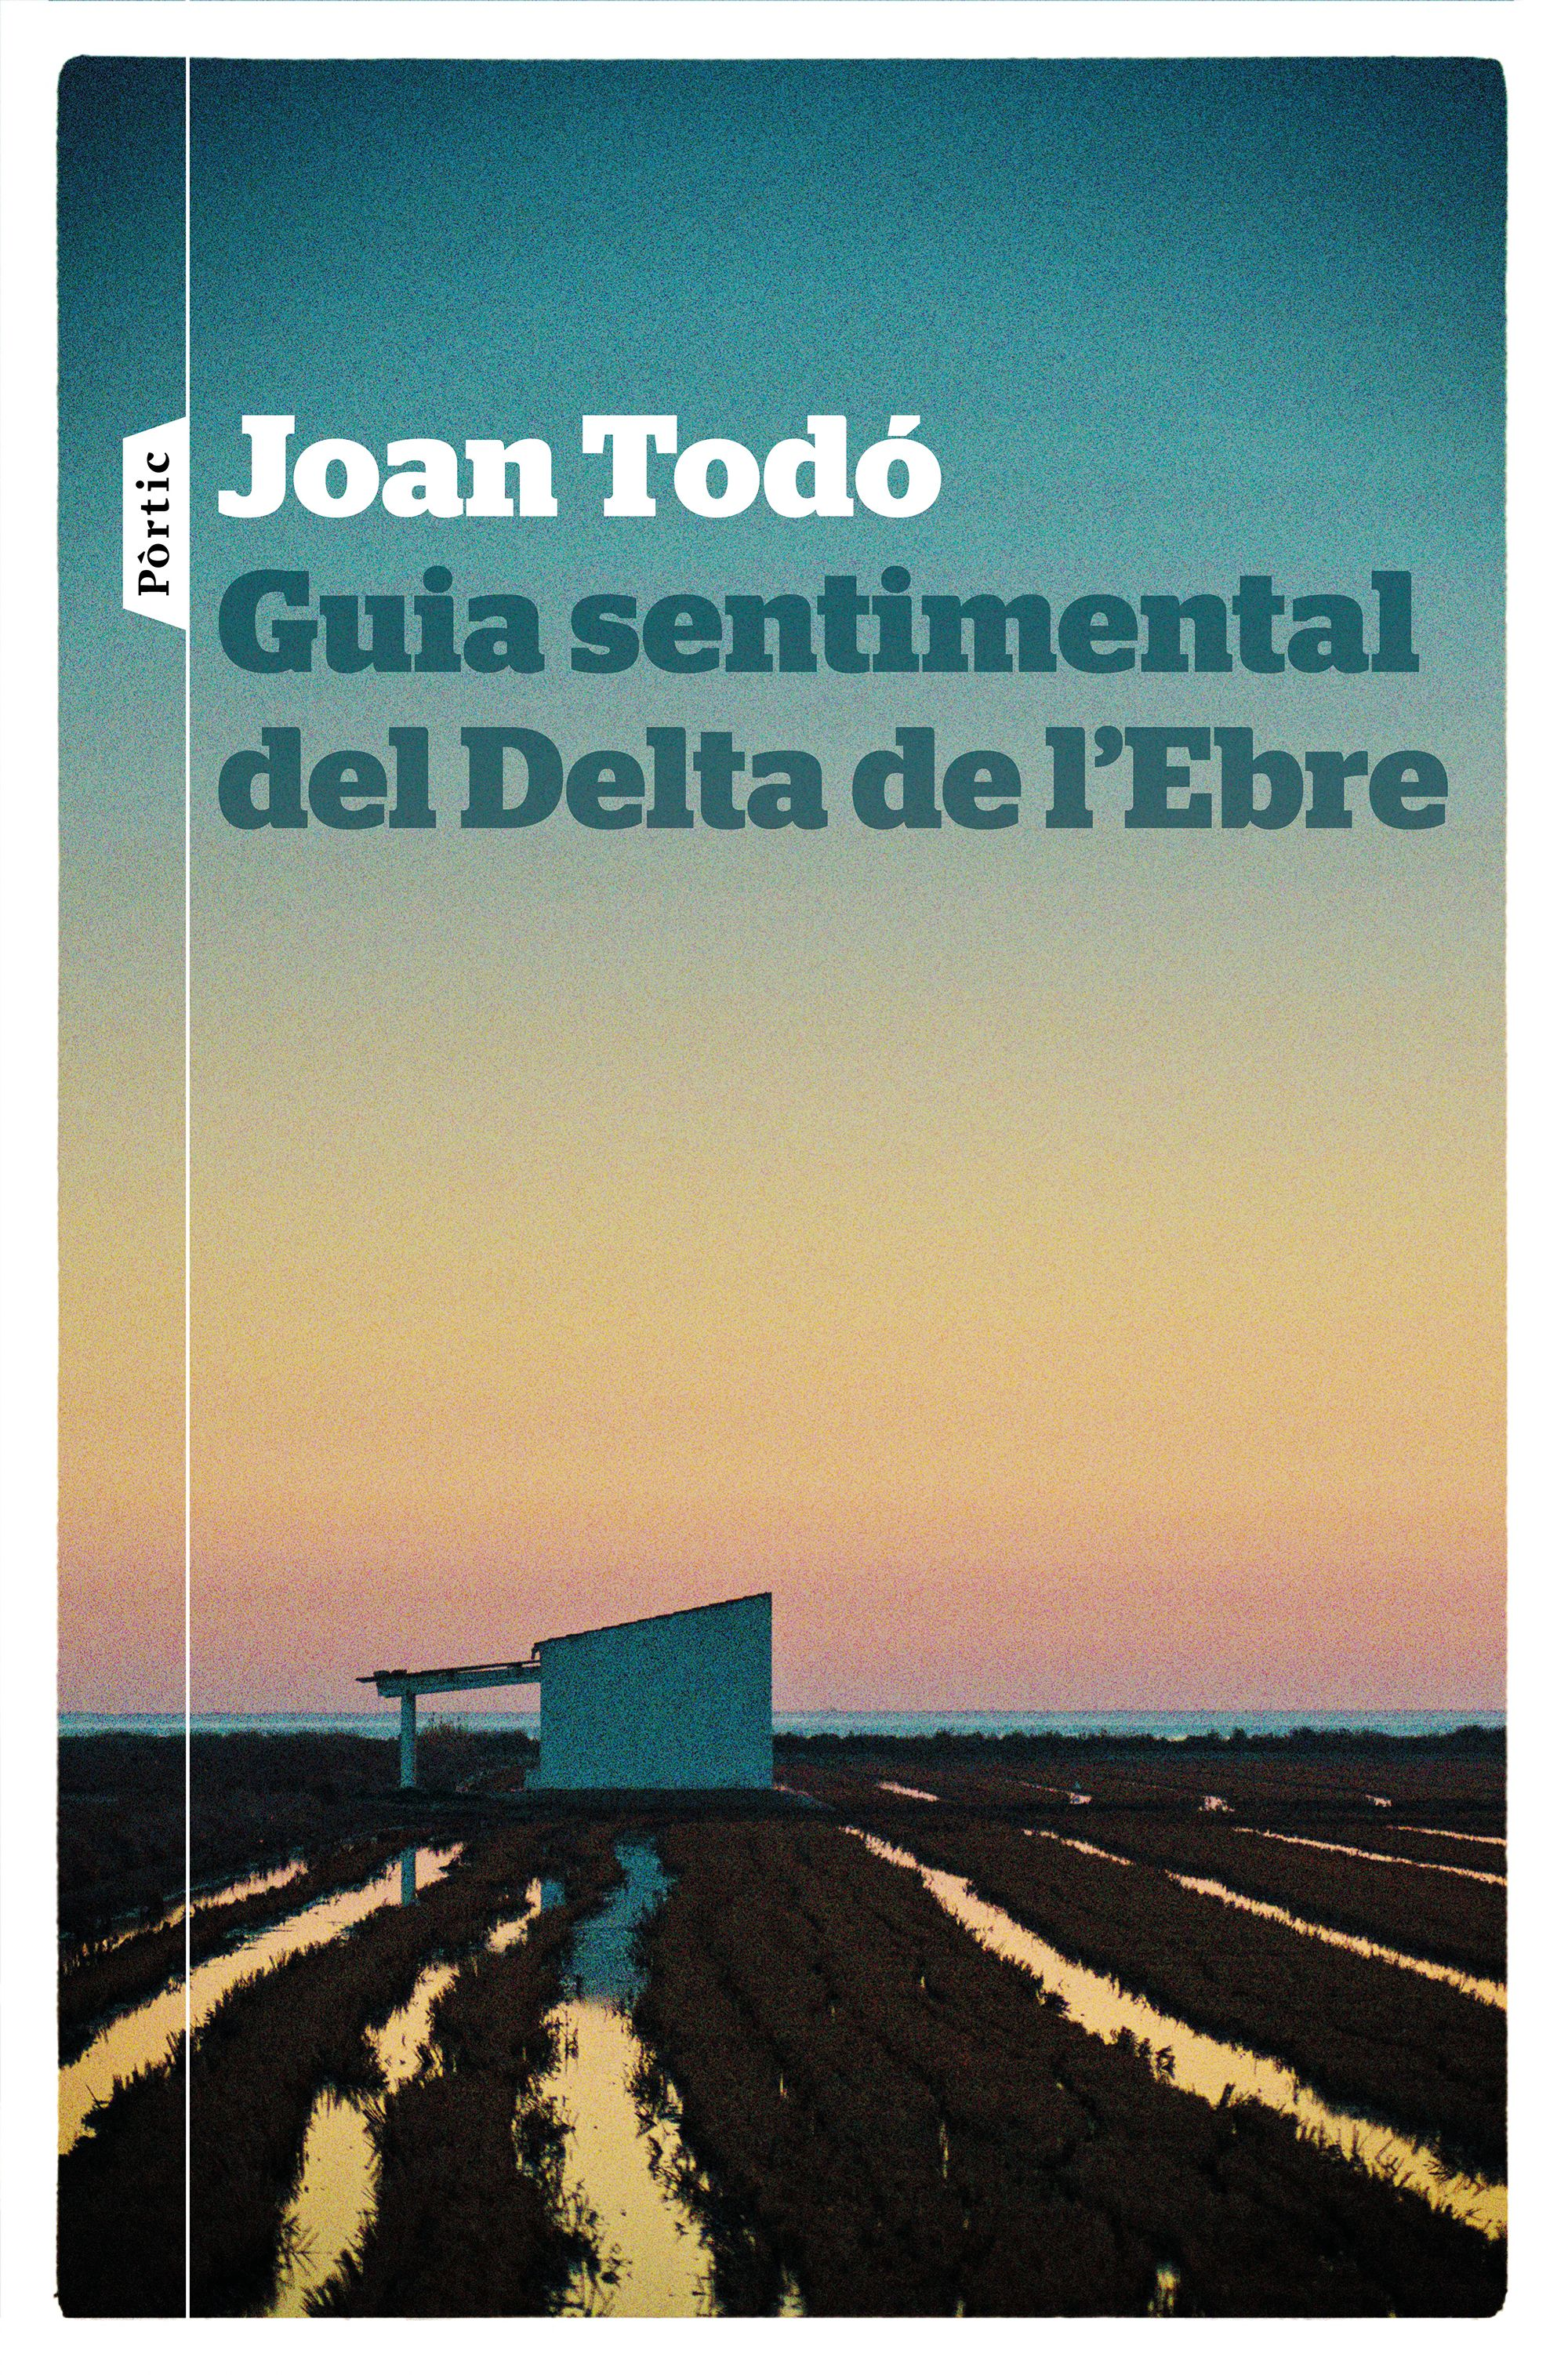 portada_guia-sentimental-del-delta-de-lebre_joan-todo_201802221540